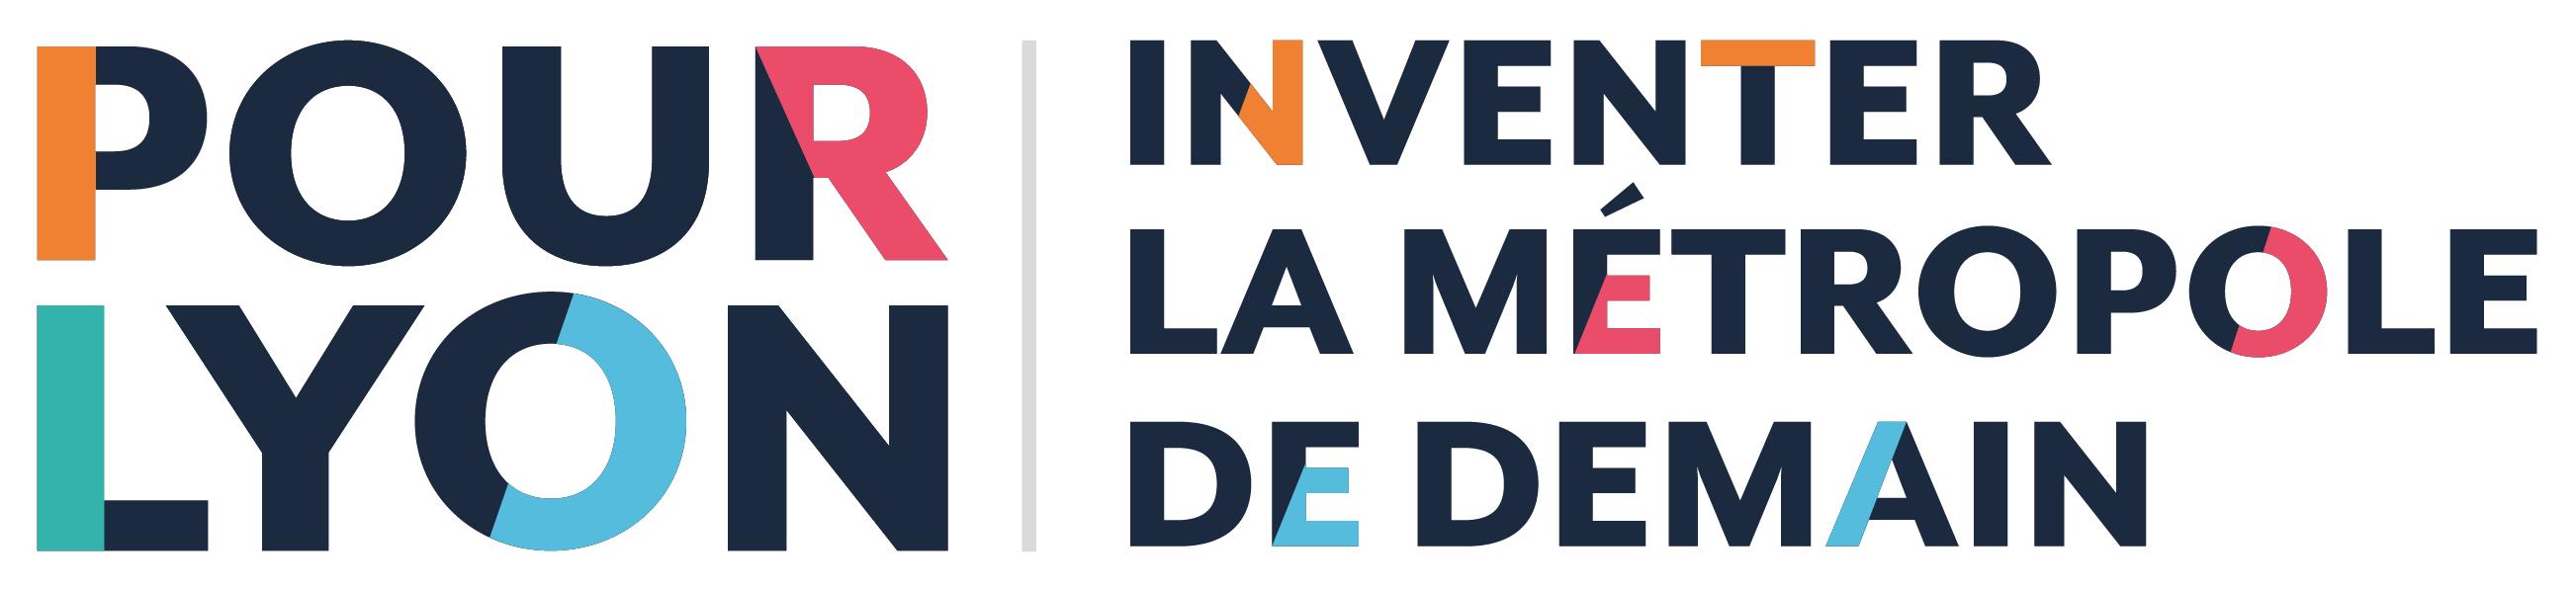 Inventer Demain – Pour Lyon